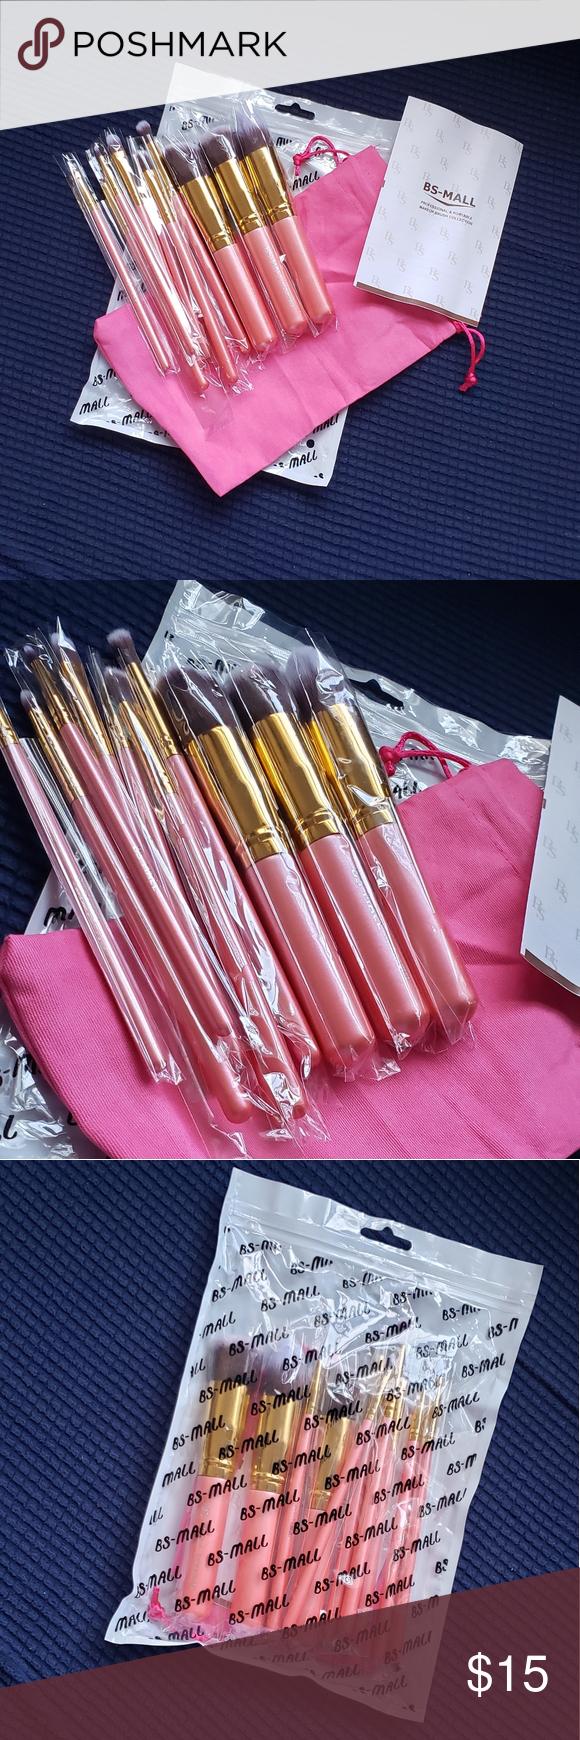 NWT Makeup brushes NWT Makeup brushes, Pink makeup brush